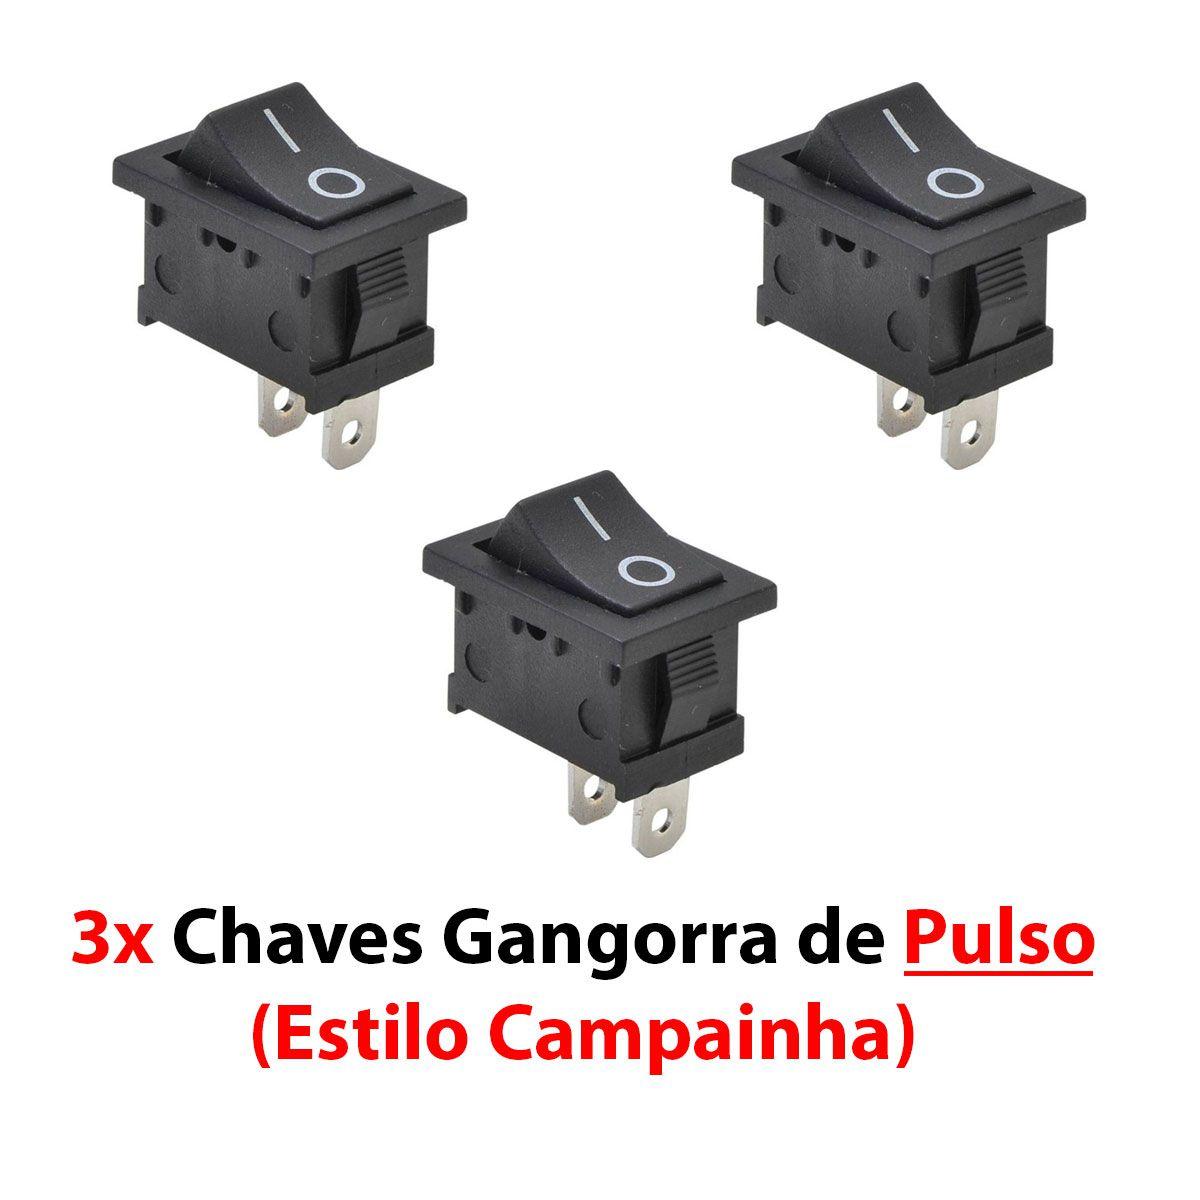 3x Chave Gangorra de PULSO - 2 Terminais 15x20mm 6A - Cor Preta KCD1-111-2